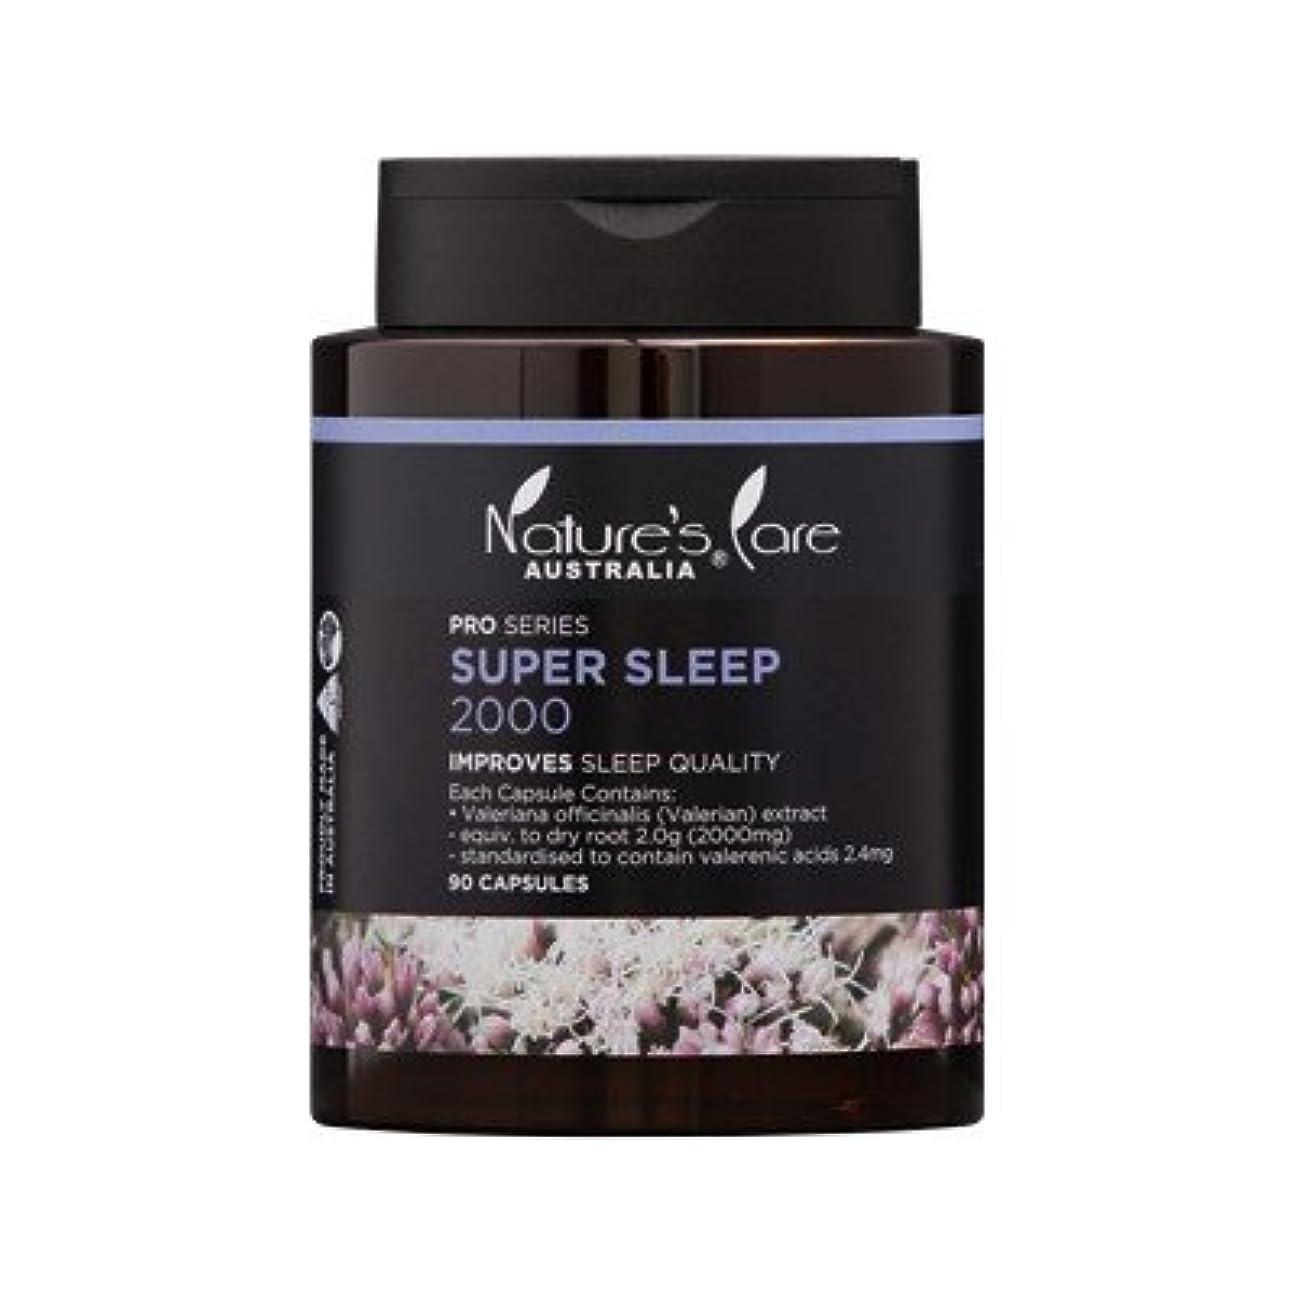 一貫性のない教科書勇敢な【Nature's Care】上質な睡眠をサポート☆Super Sleep スーパースリープ 2000mg 90カプセル入